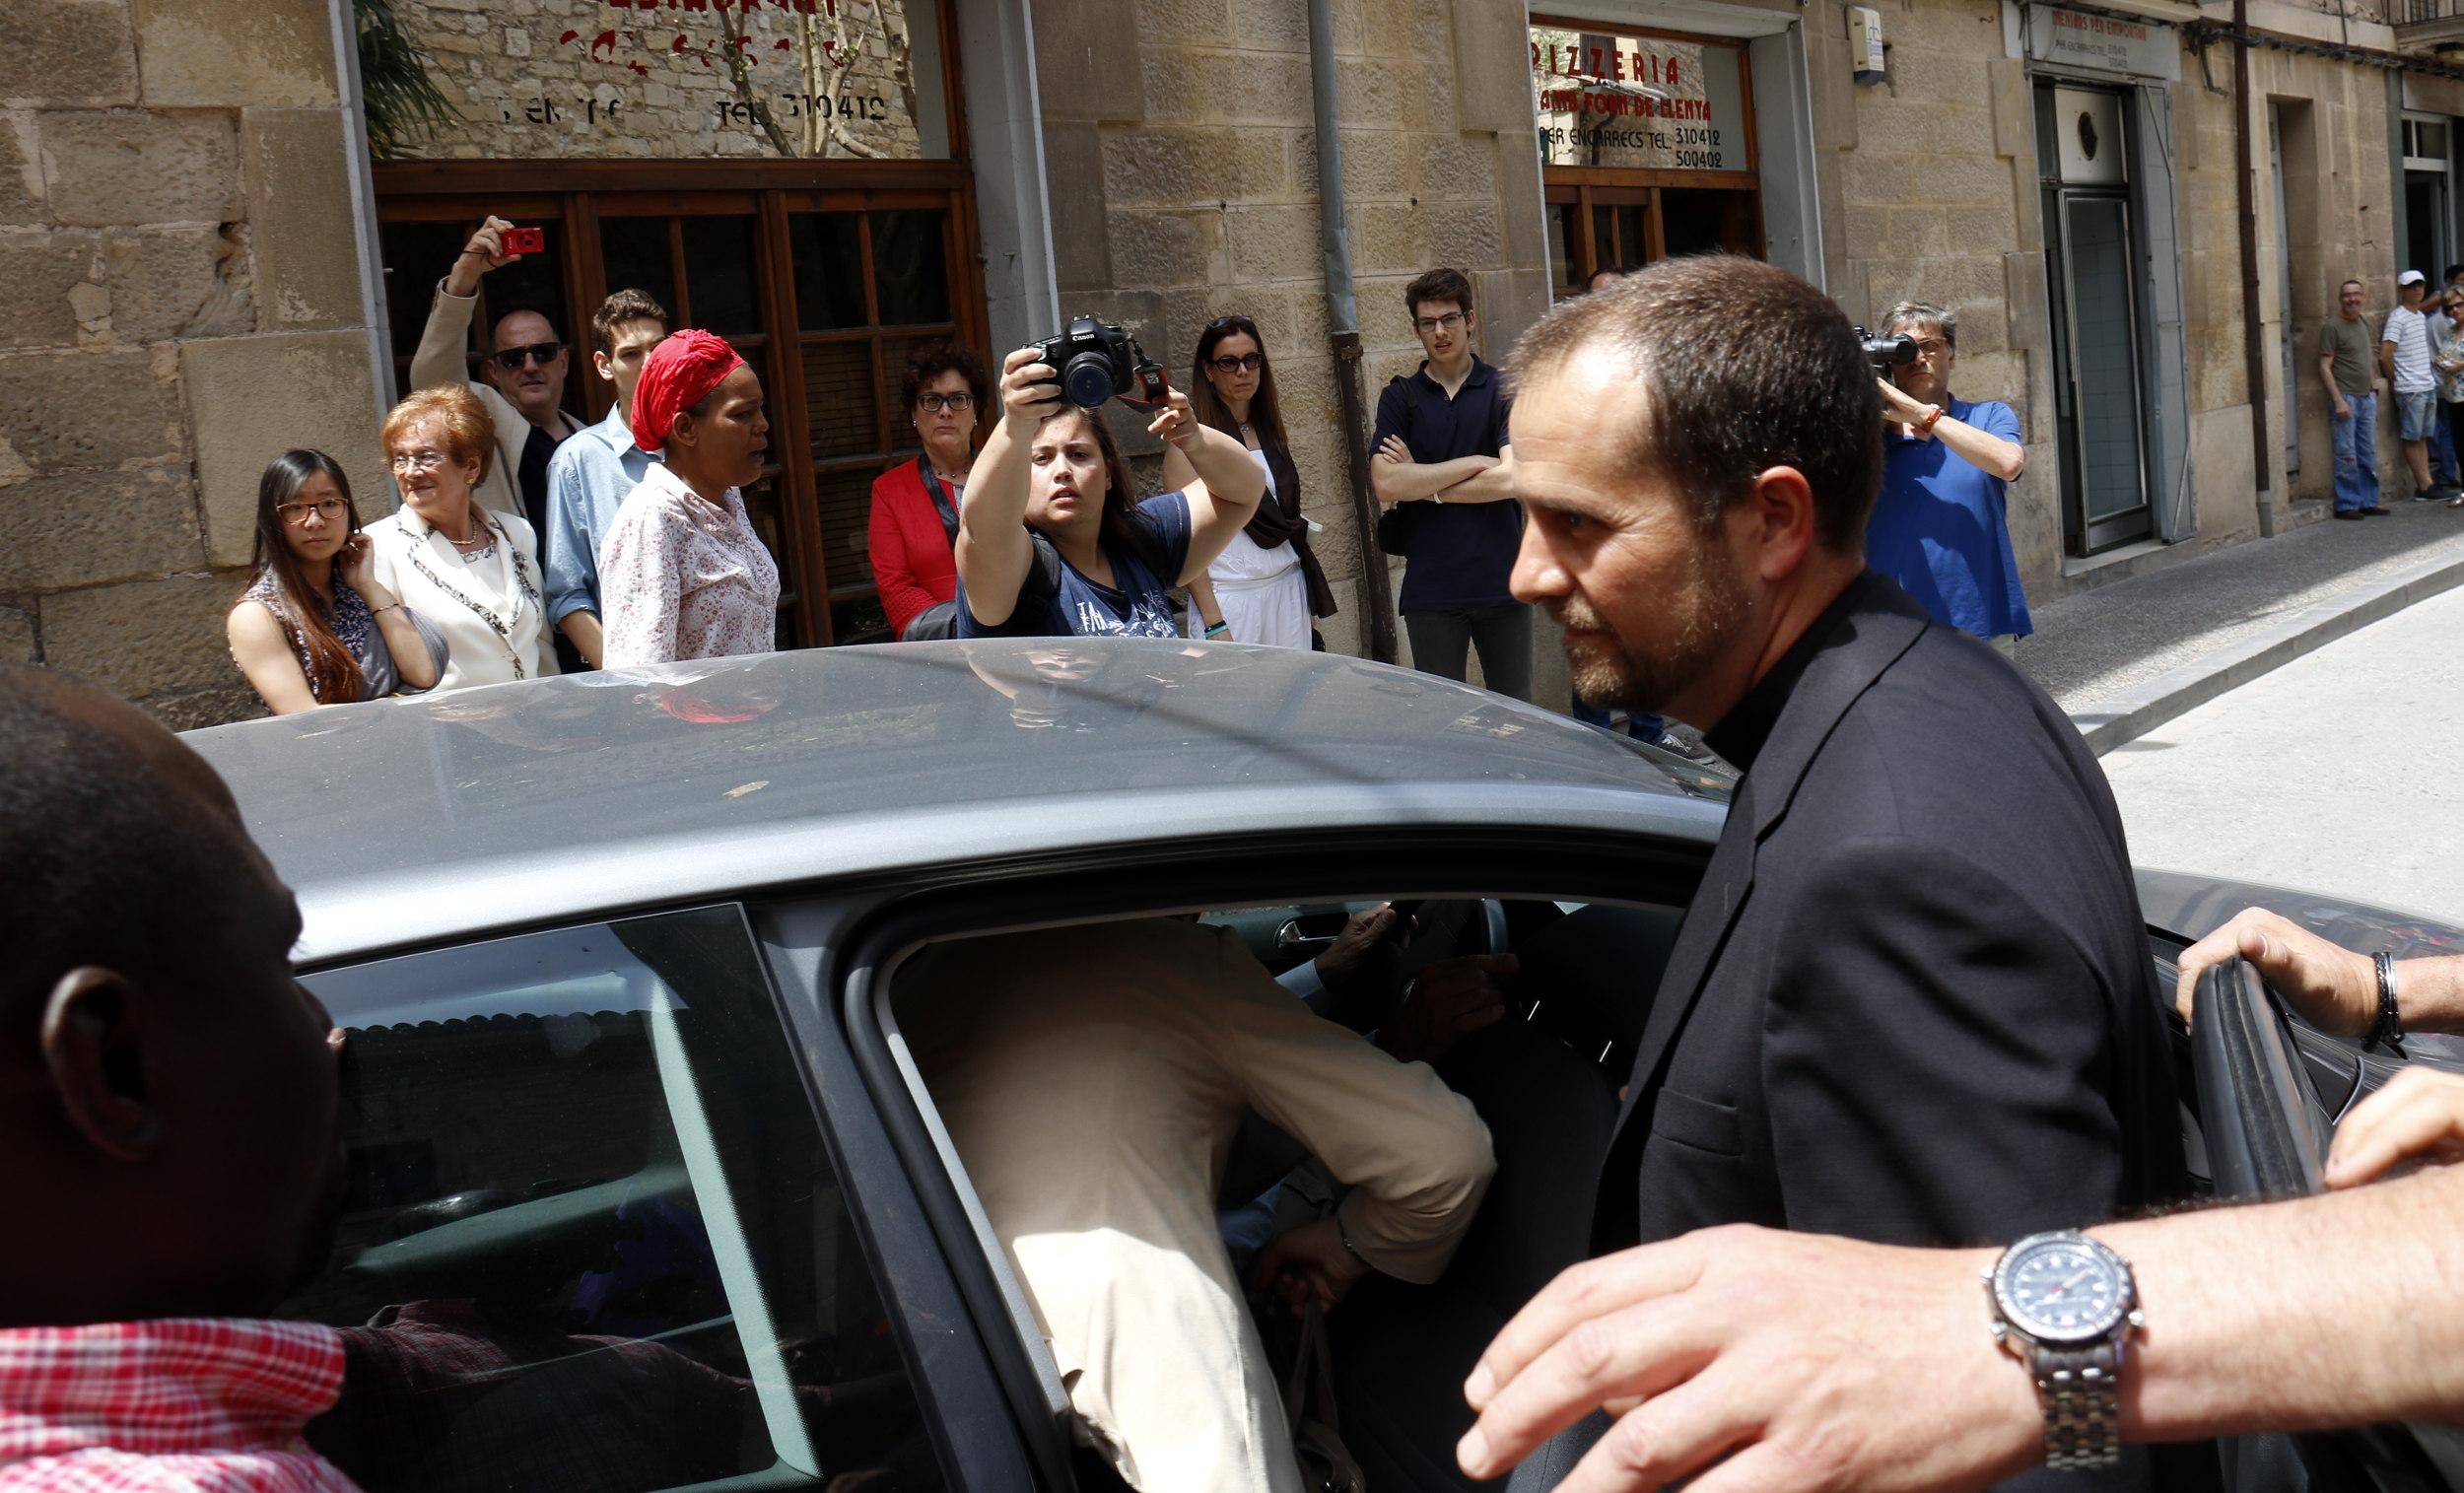 Xavier Novell pujant a un cotxe | ACN